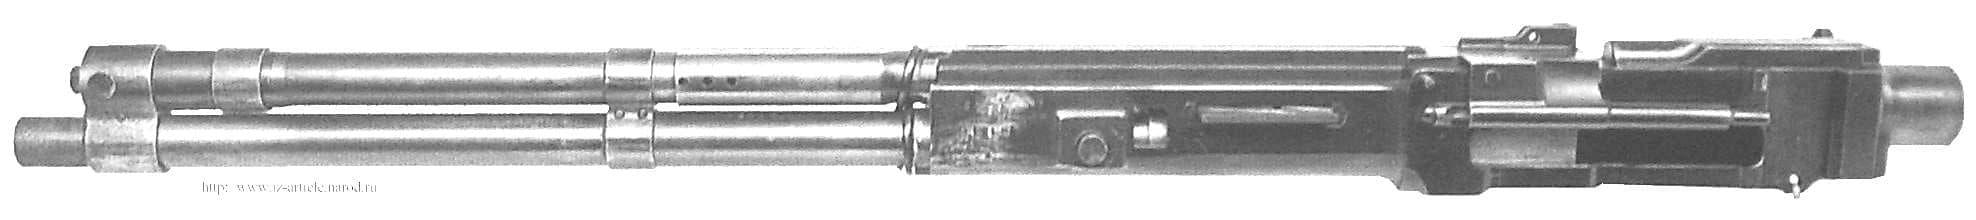 Авиационная пушка Березина Б-20. Оружие Ижевска.